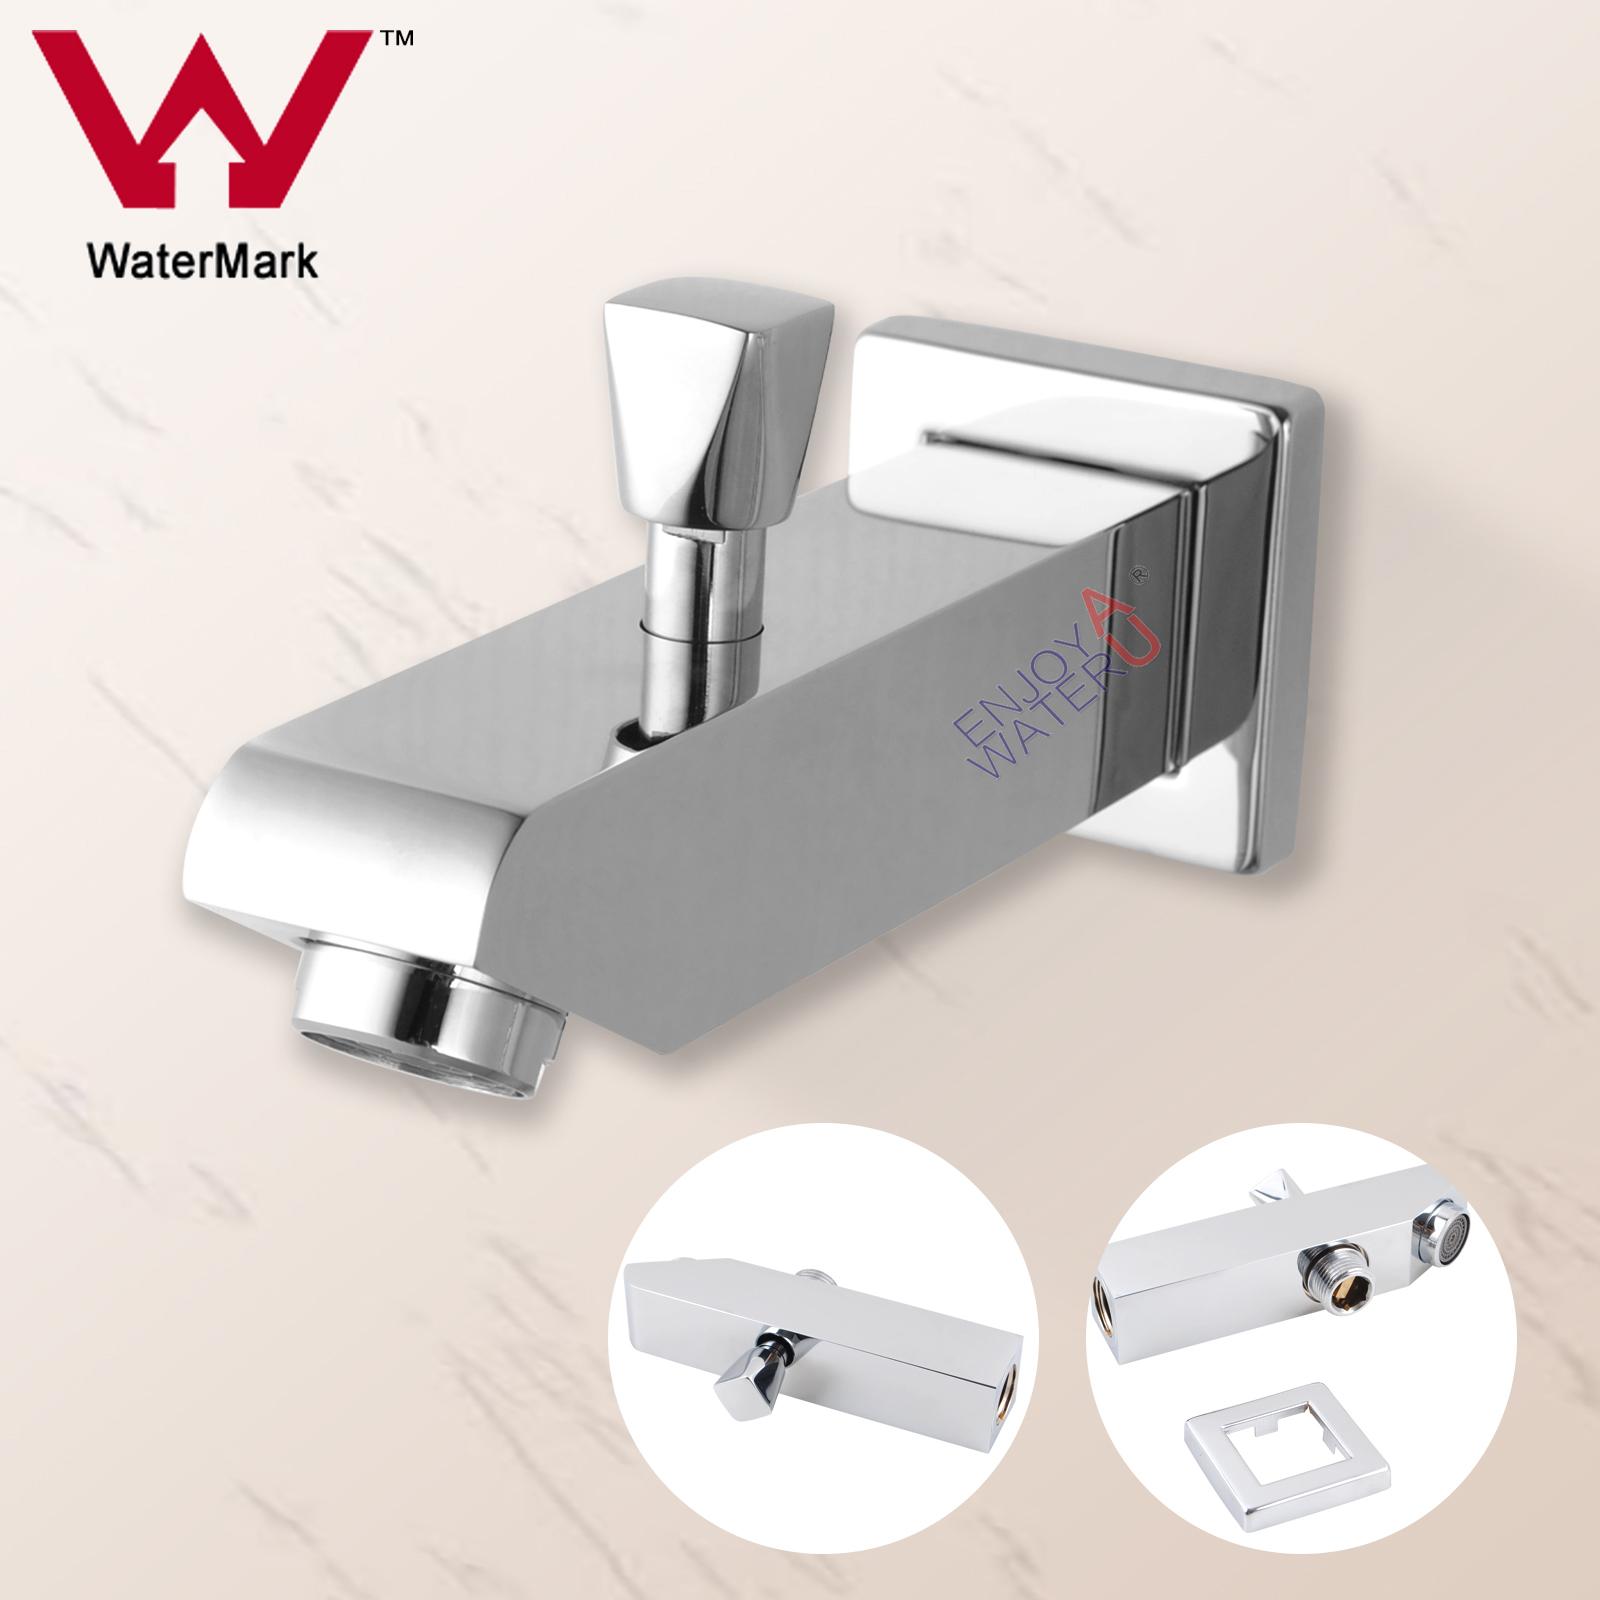 Bath Cubic Shower Head Spout For Mixer Tap Handheld W Diverter Water Faucet S